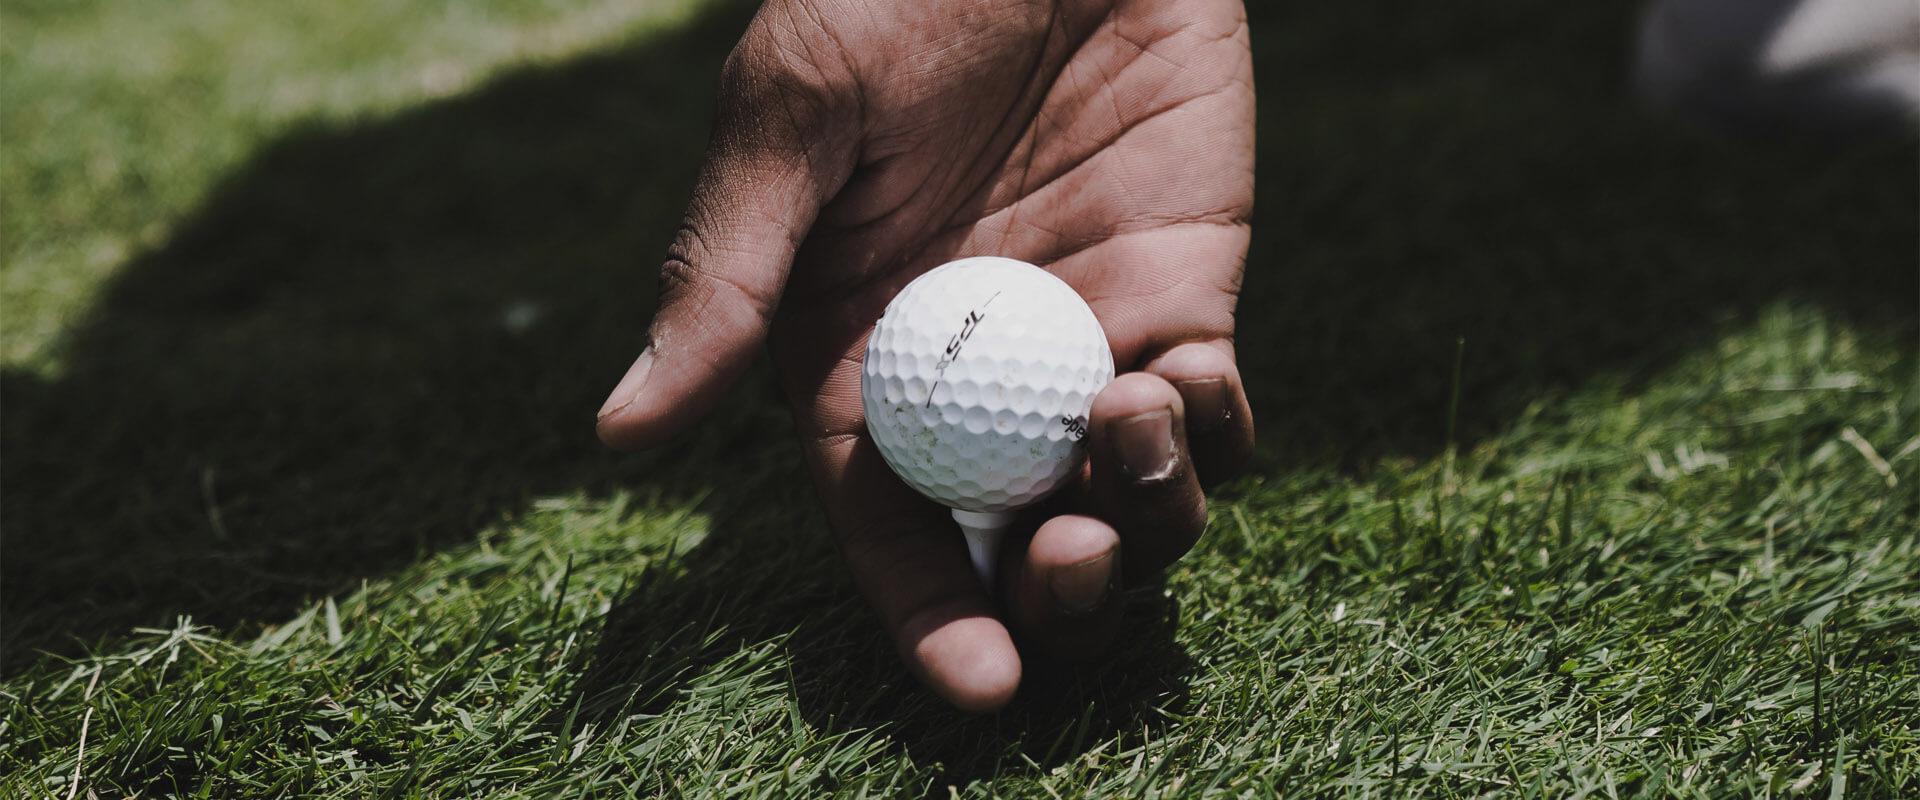 main d'un joueur qui tient une balle de golf